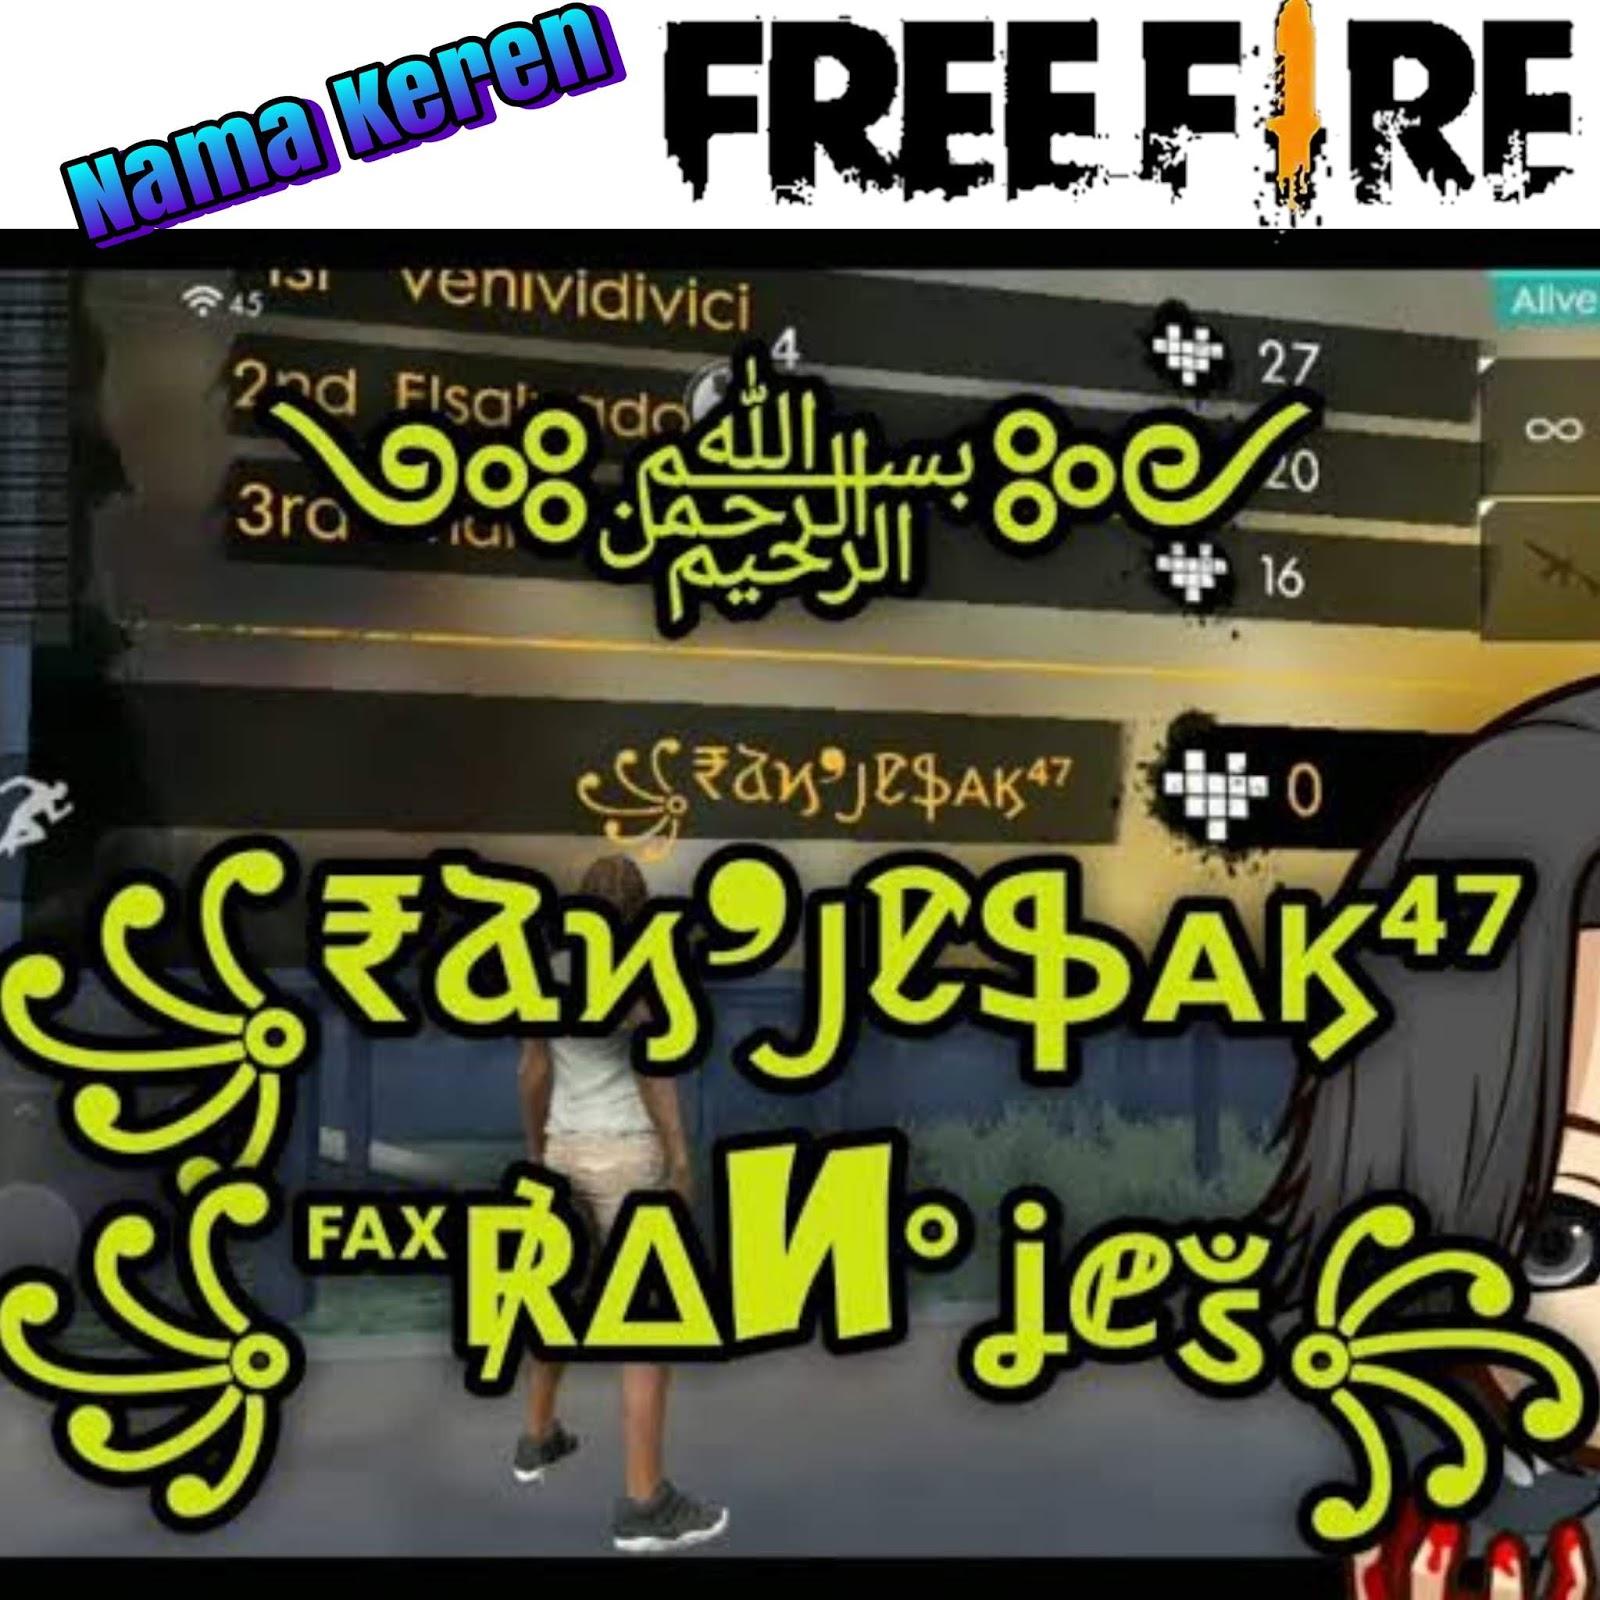 440 Koleksi Gambar Guild Free Fire Keren HD Terbaik